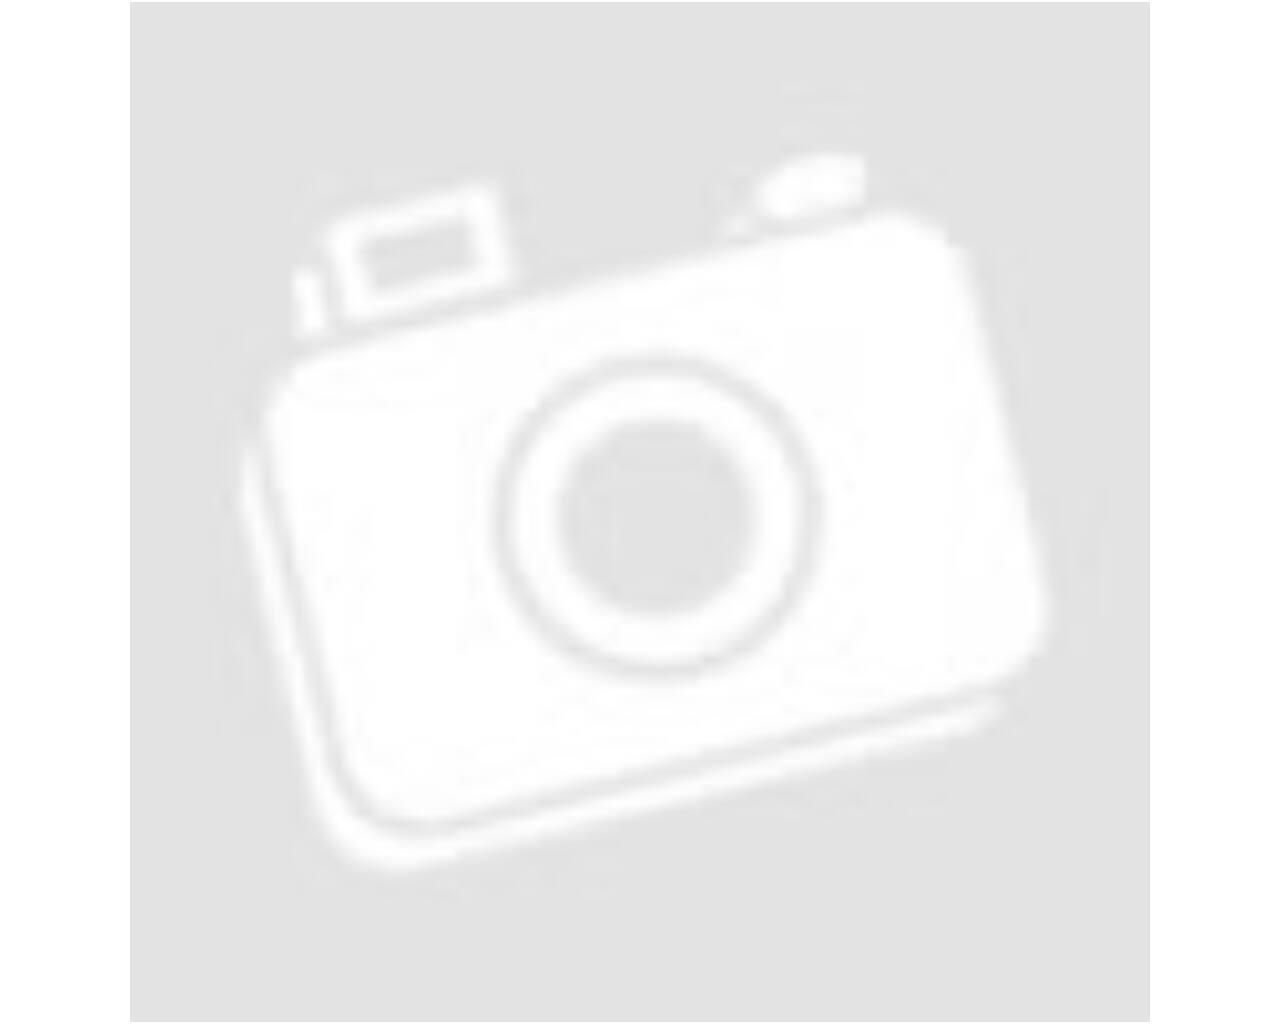 Vasalódeszka, fémszerkezet, pamutburkolat, aljzat, szárító rész, 120 x 38 x 95 cm